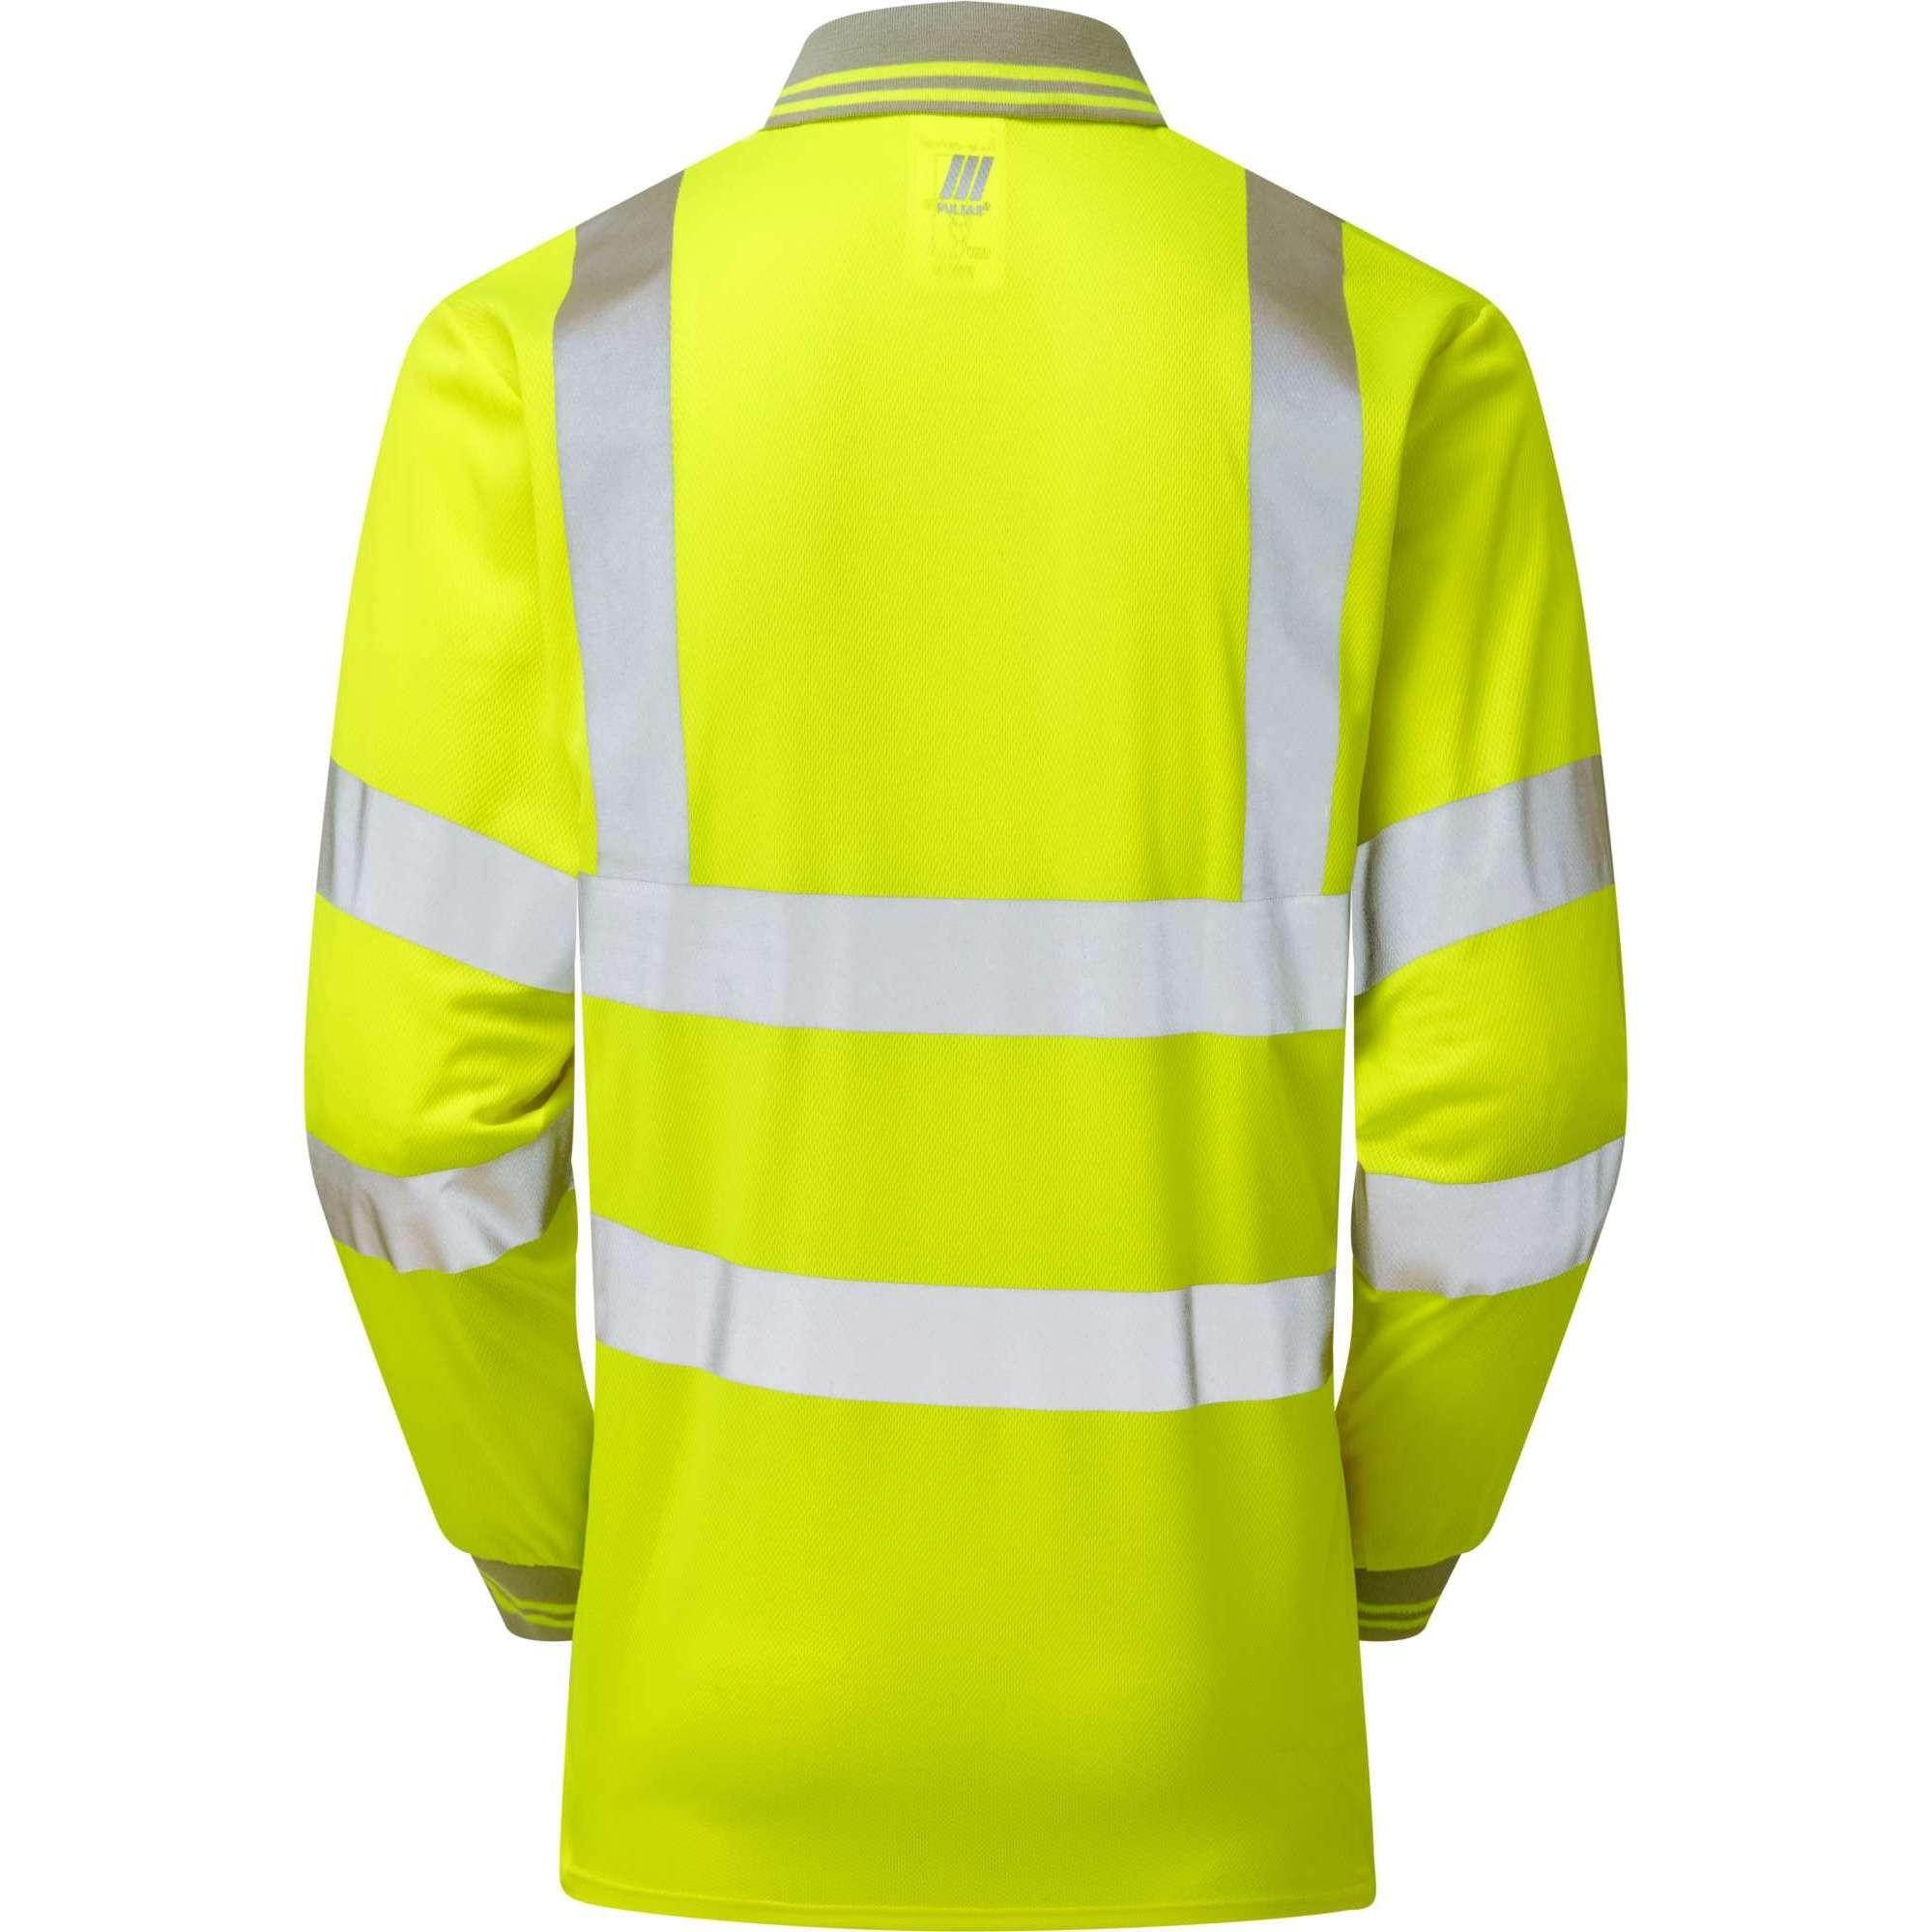 Pulsar Hi Vis Long Sleeved Polo Shirt (P458)